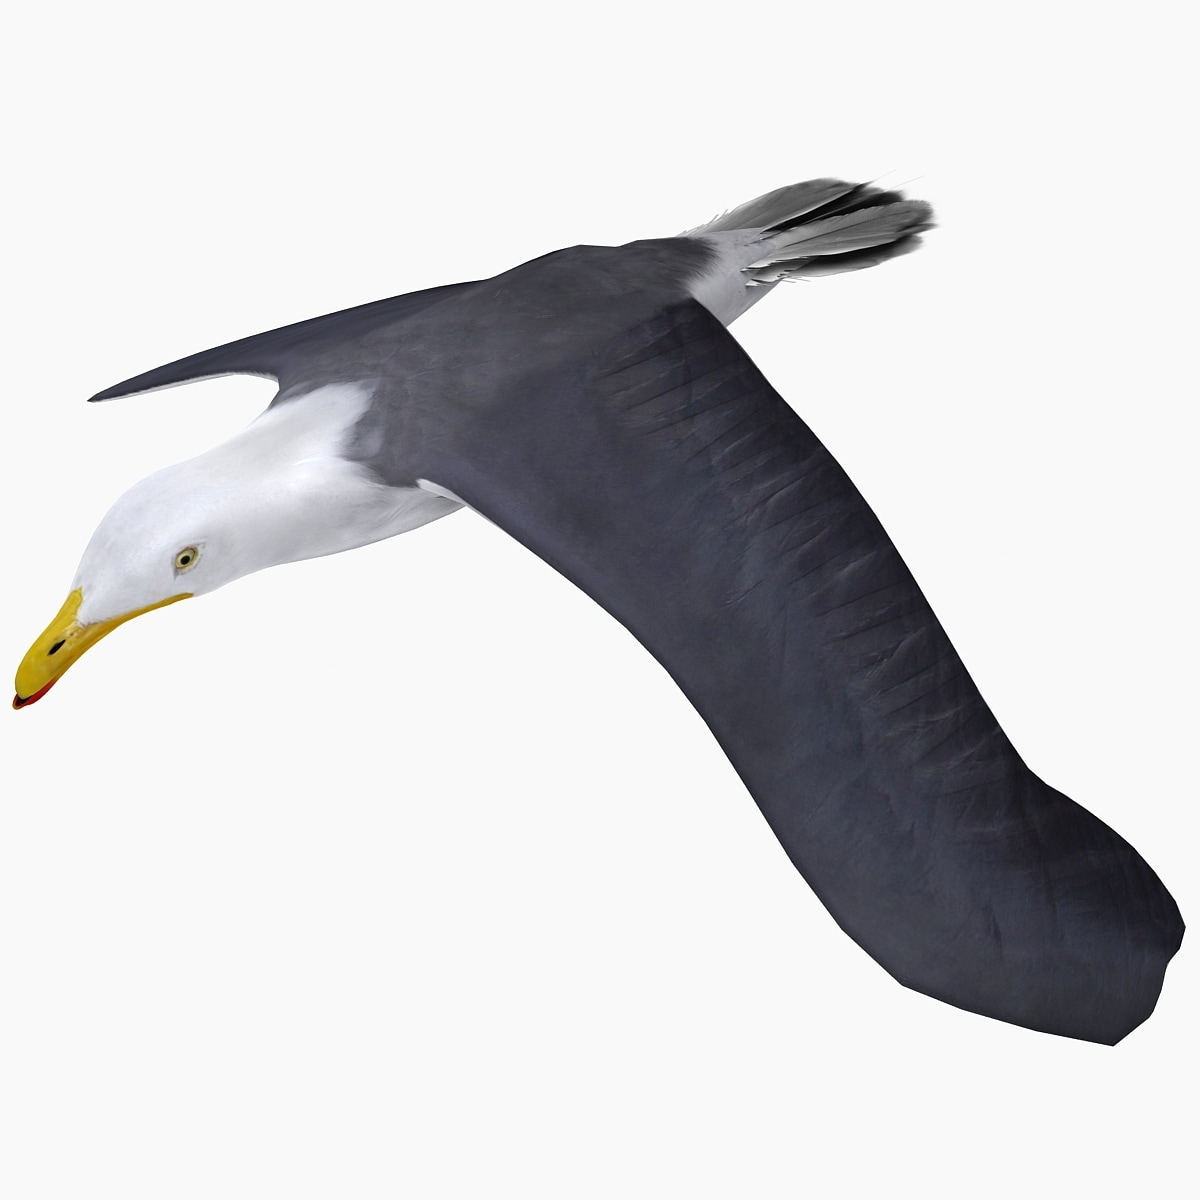 Gull_Flying_Animation_V1_001.jpg